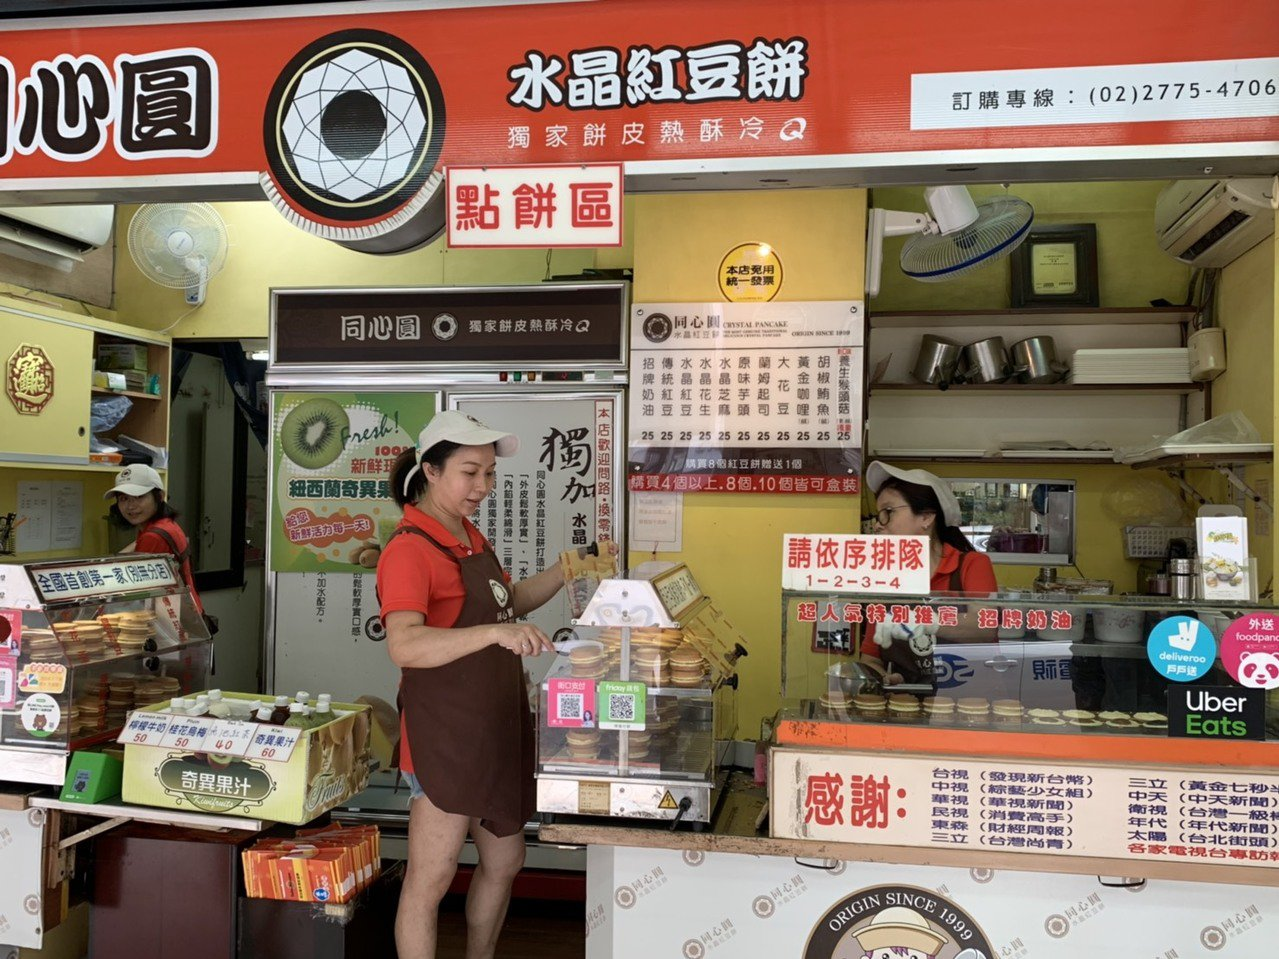 同心圓紅豆餅開業20年,以特殊口味名聞遐邇。(圖/黃健誠攝)